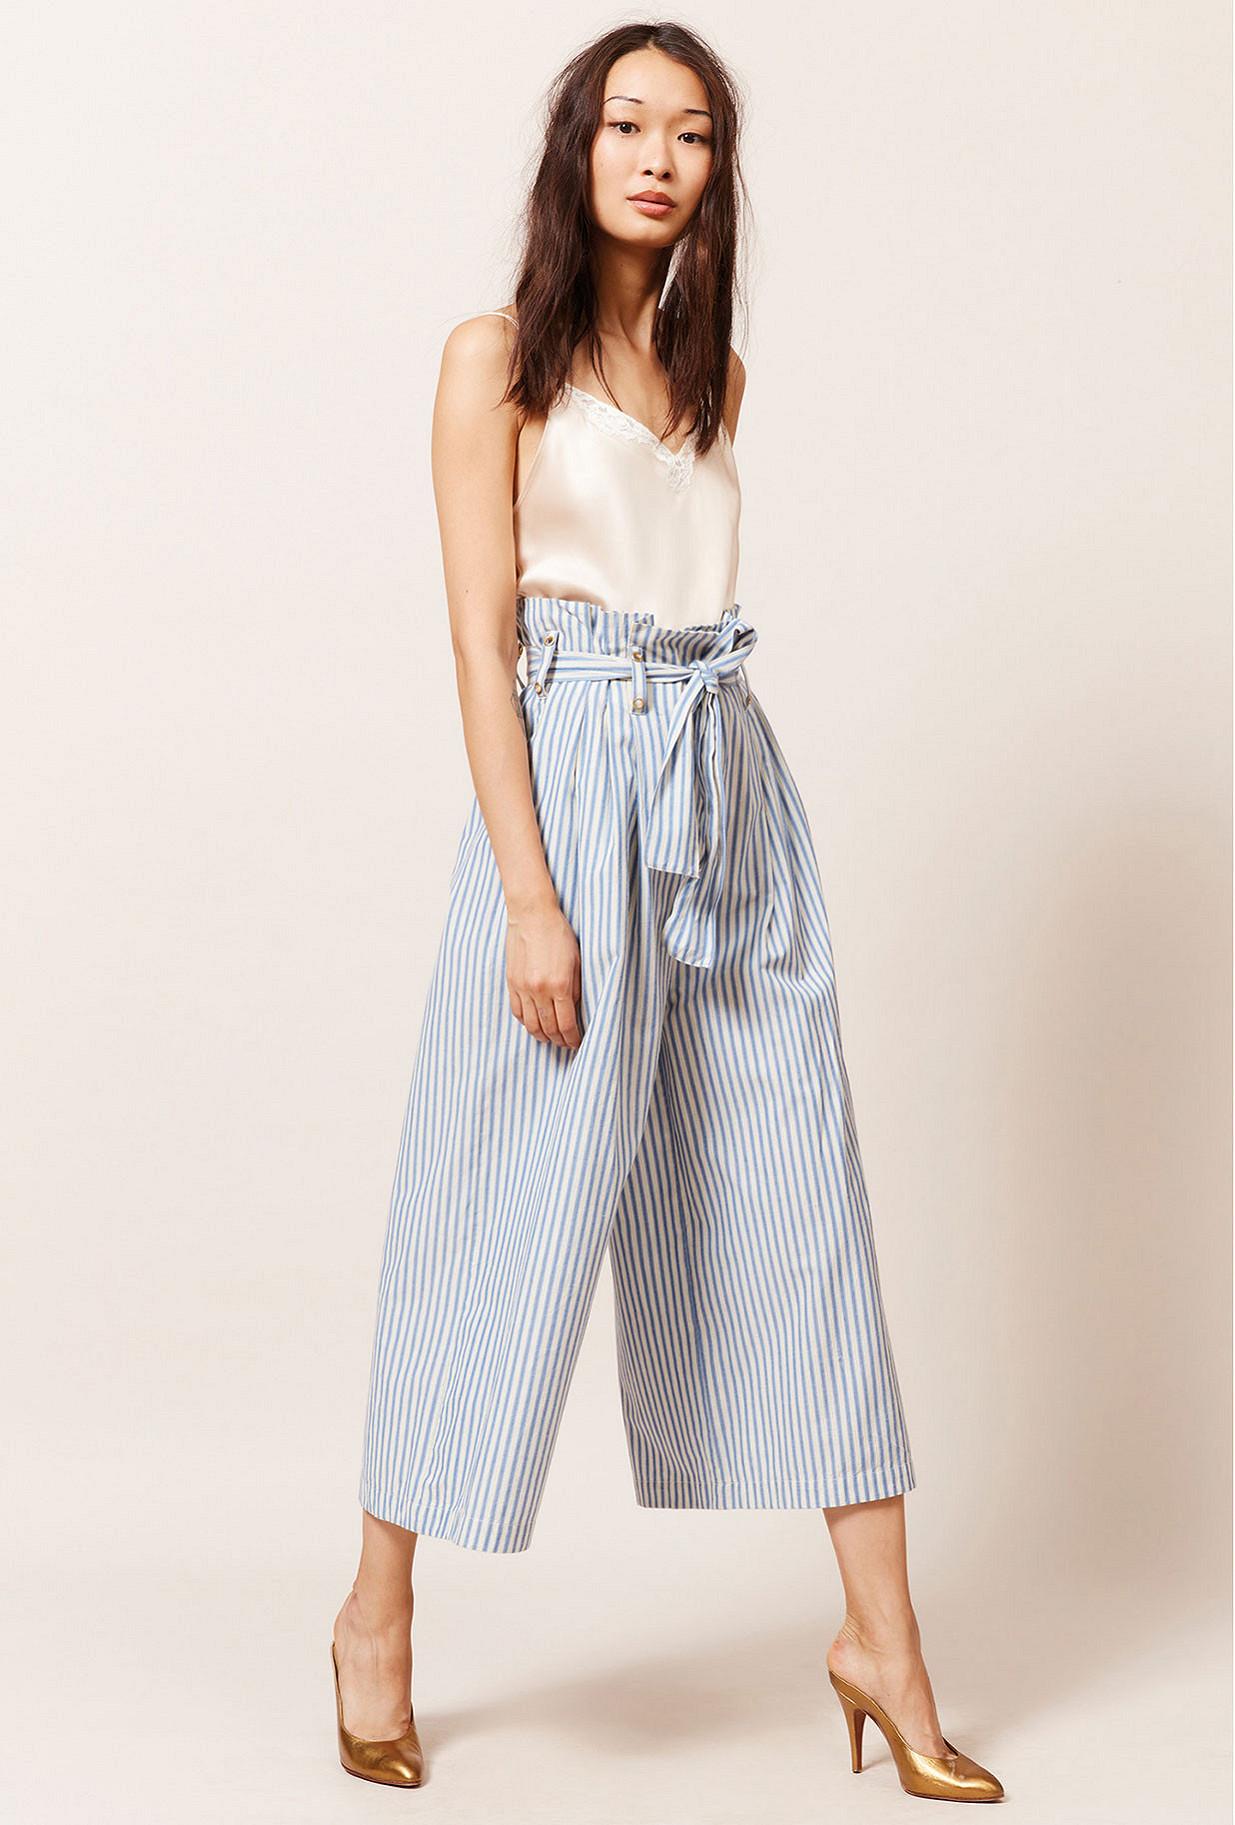 Blue stripe  Pant  Commons Mes demoiselles fashion clothes designer Paris